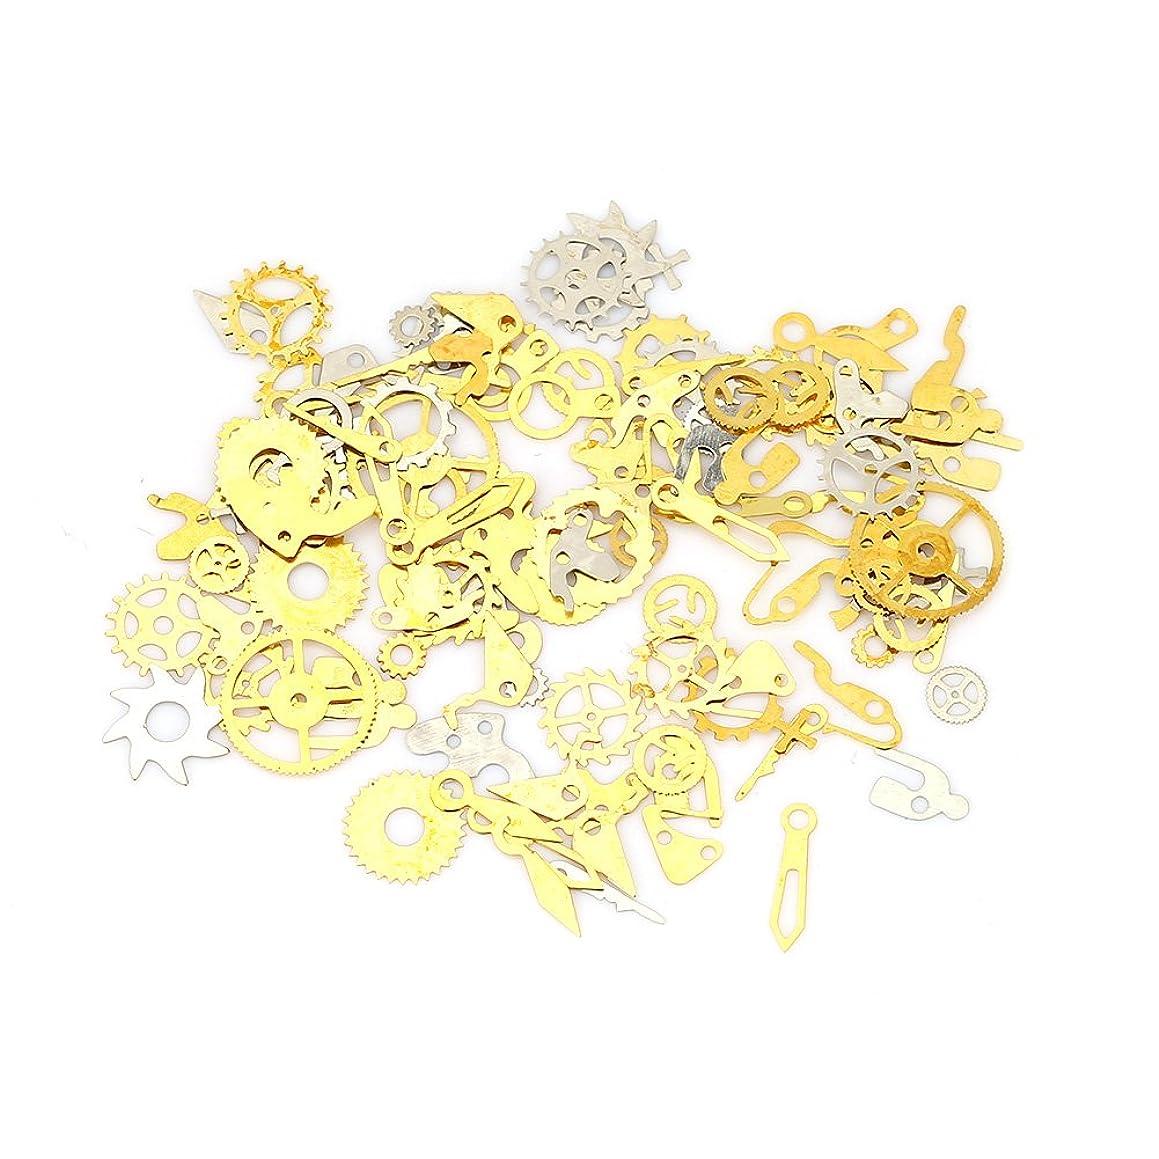 問い合わせる小道してはいけないネイルチップ - Dewin つけ爪 キラキラ スチームパンク ギア デコレーション メタルシェルパーツ 収納ケース付き (Color : Silver)